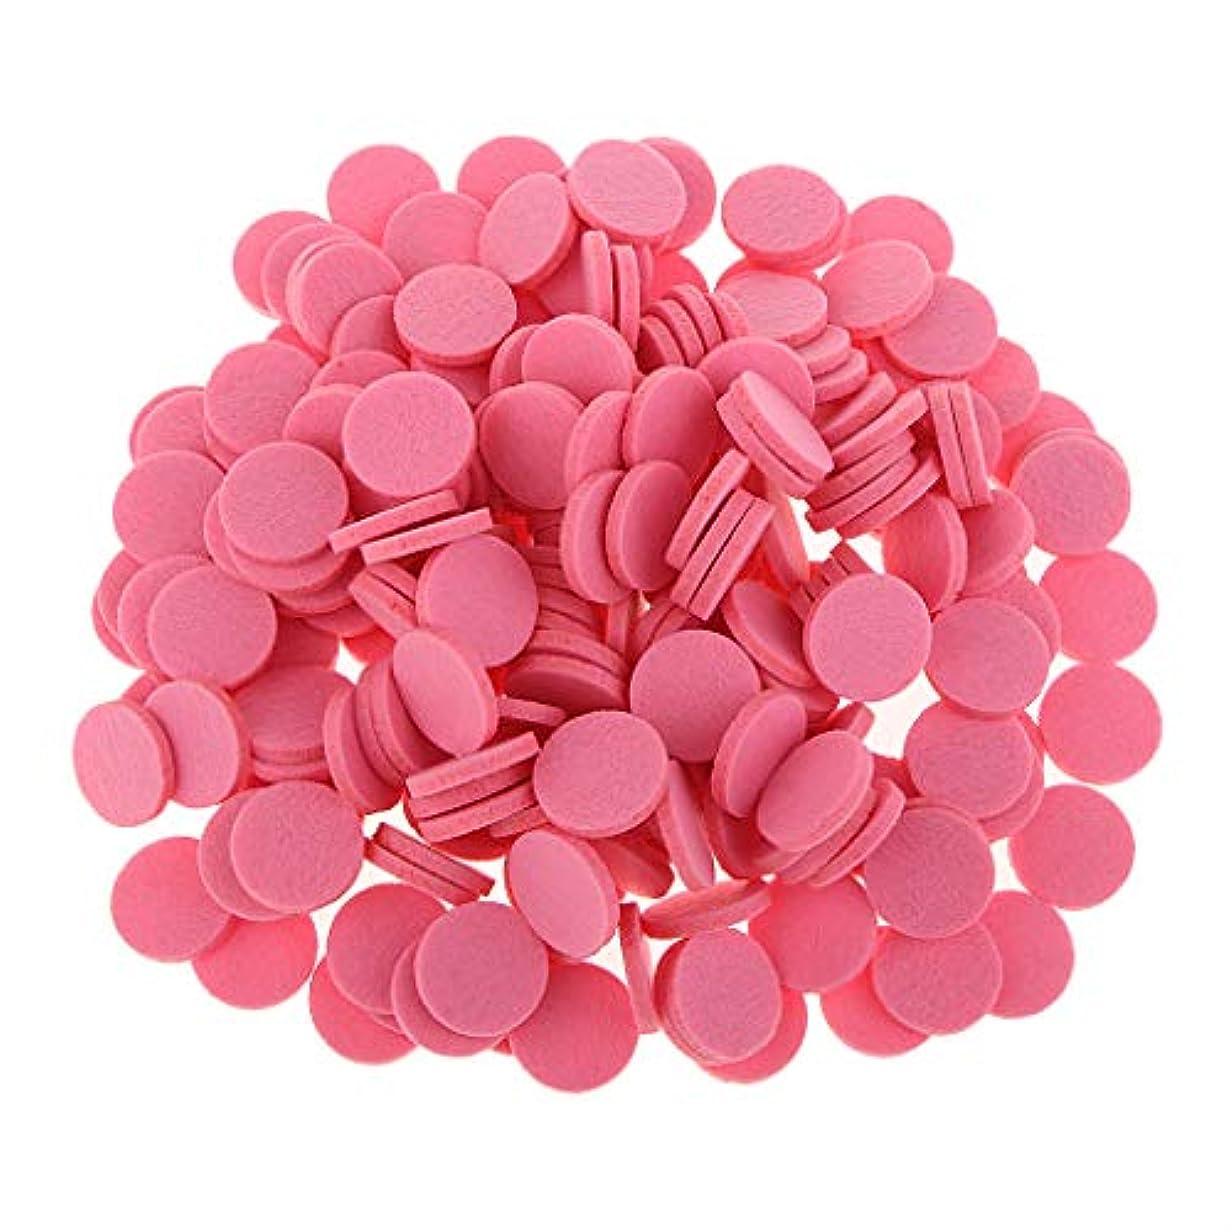 所得引き出し夜の動物園アロマセラピー エッセンシャルオイル ディフューザー パッド 詰替パッド 吸収性 洗える 全11色 - ピンク